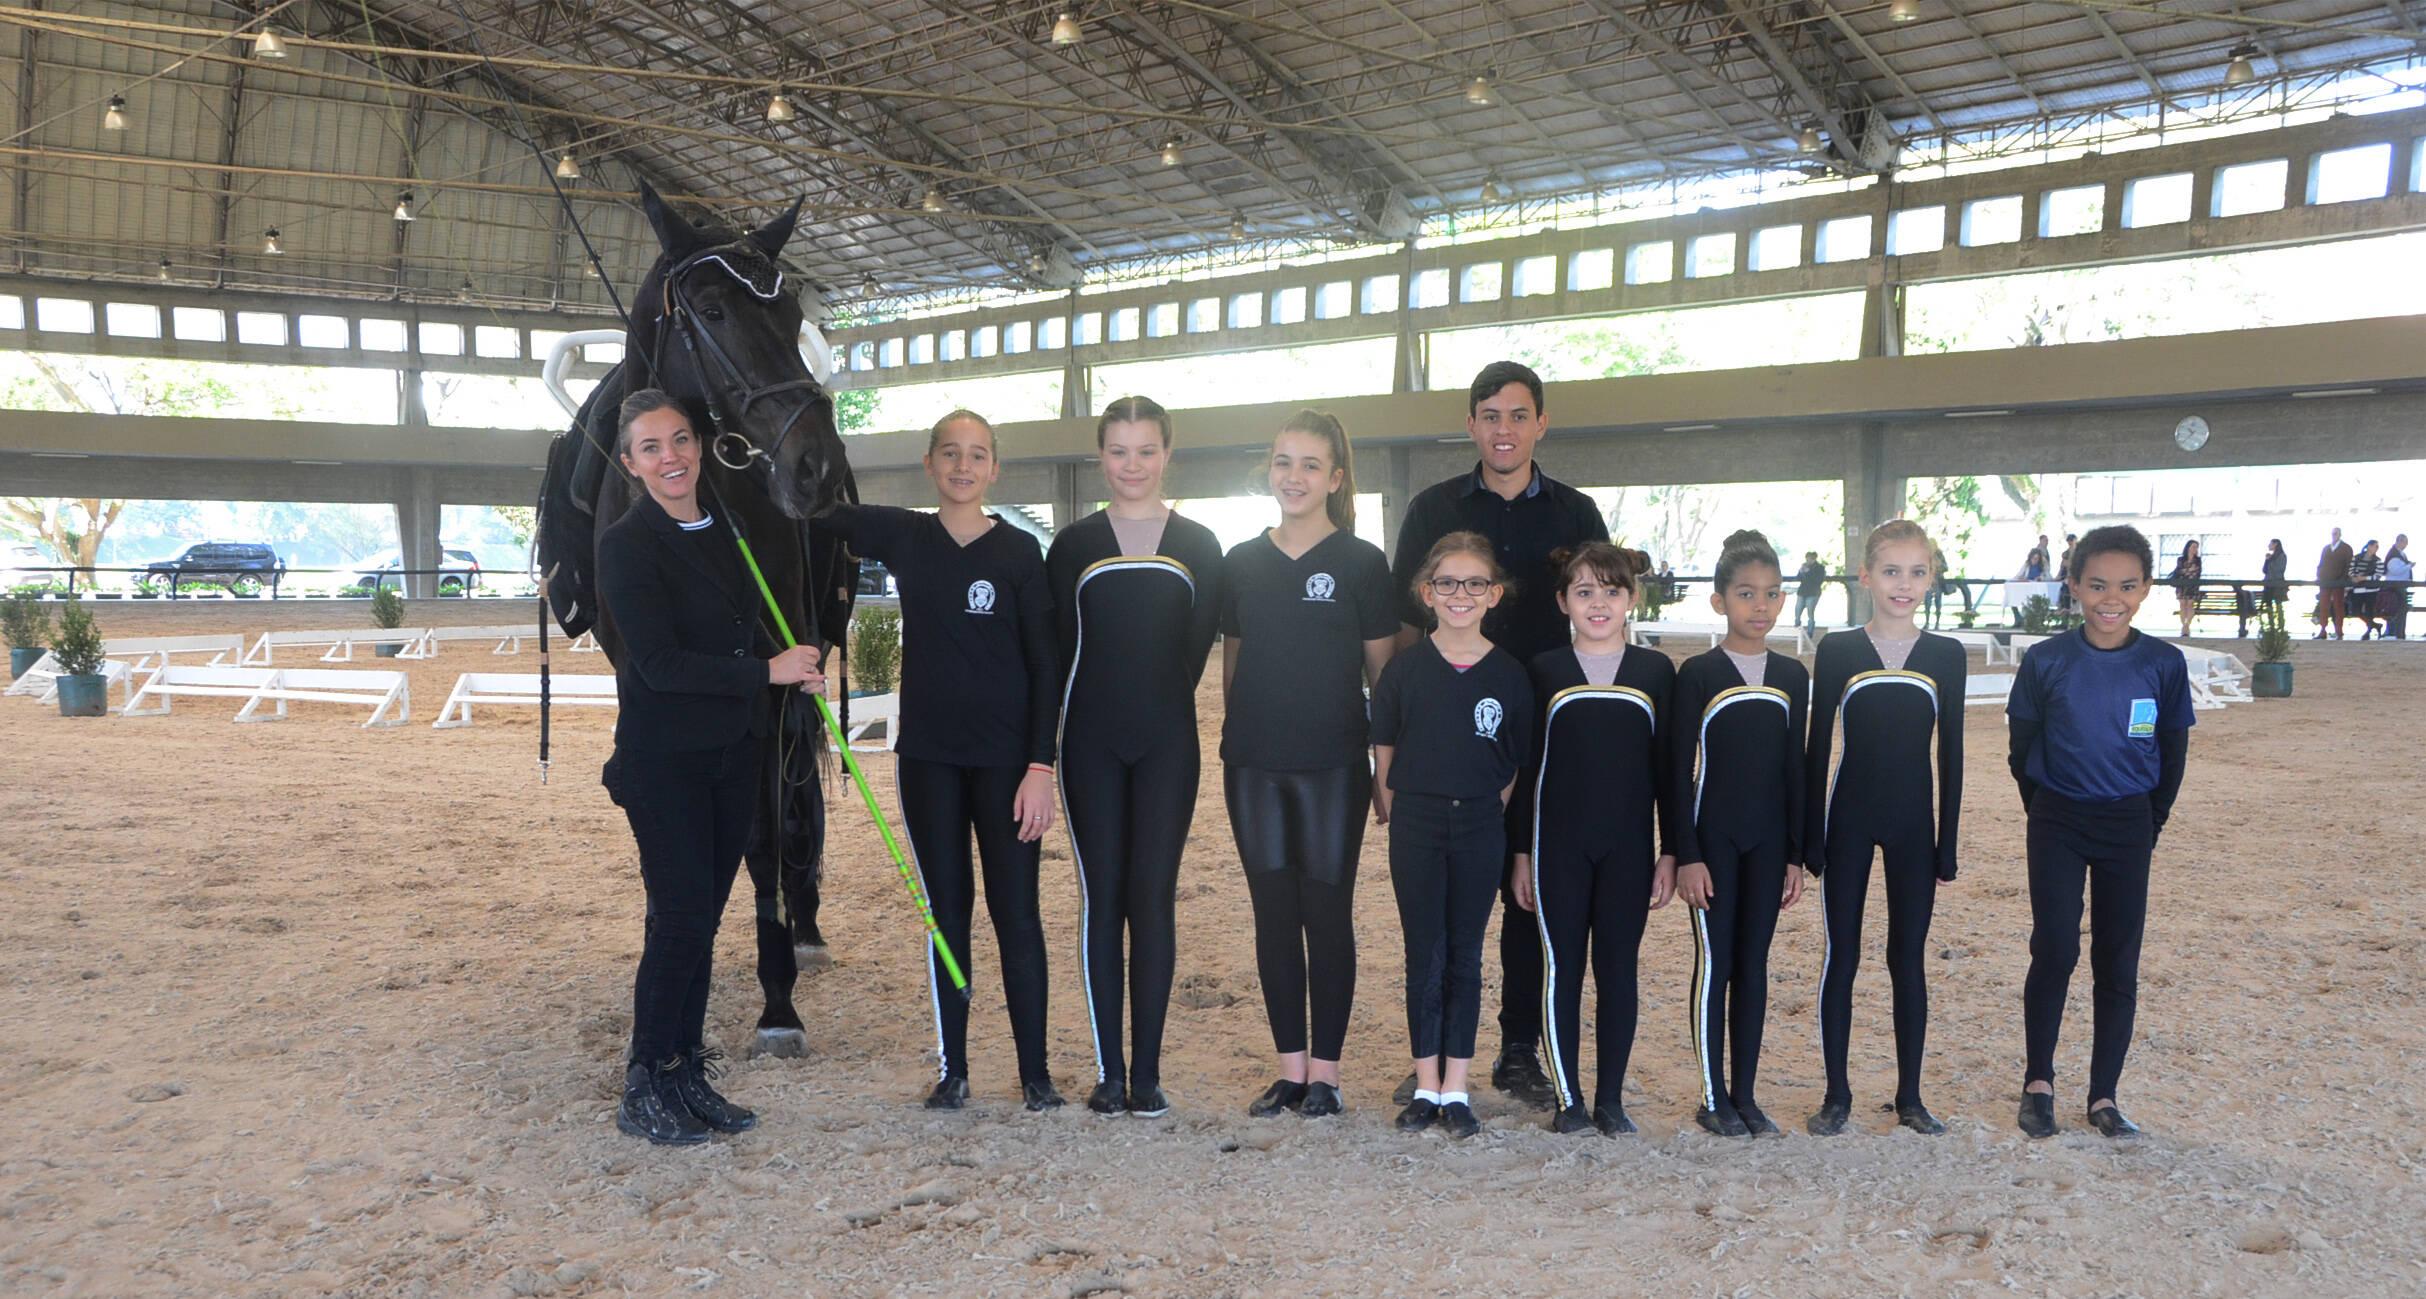 Crianças da escola de equitação da Hípica Paulista reunidas momentos de uma apresentação no picadeiro coberto do clube. Foto: Divulgação